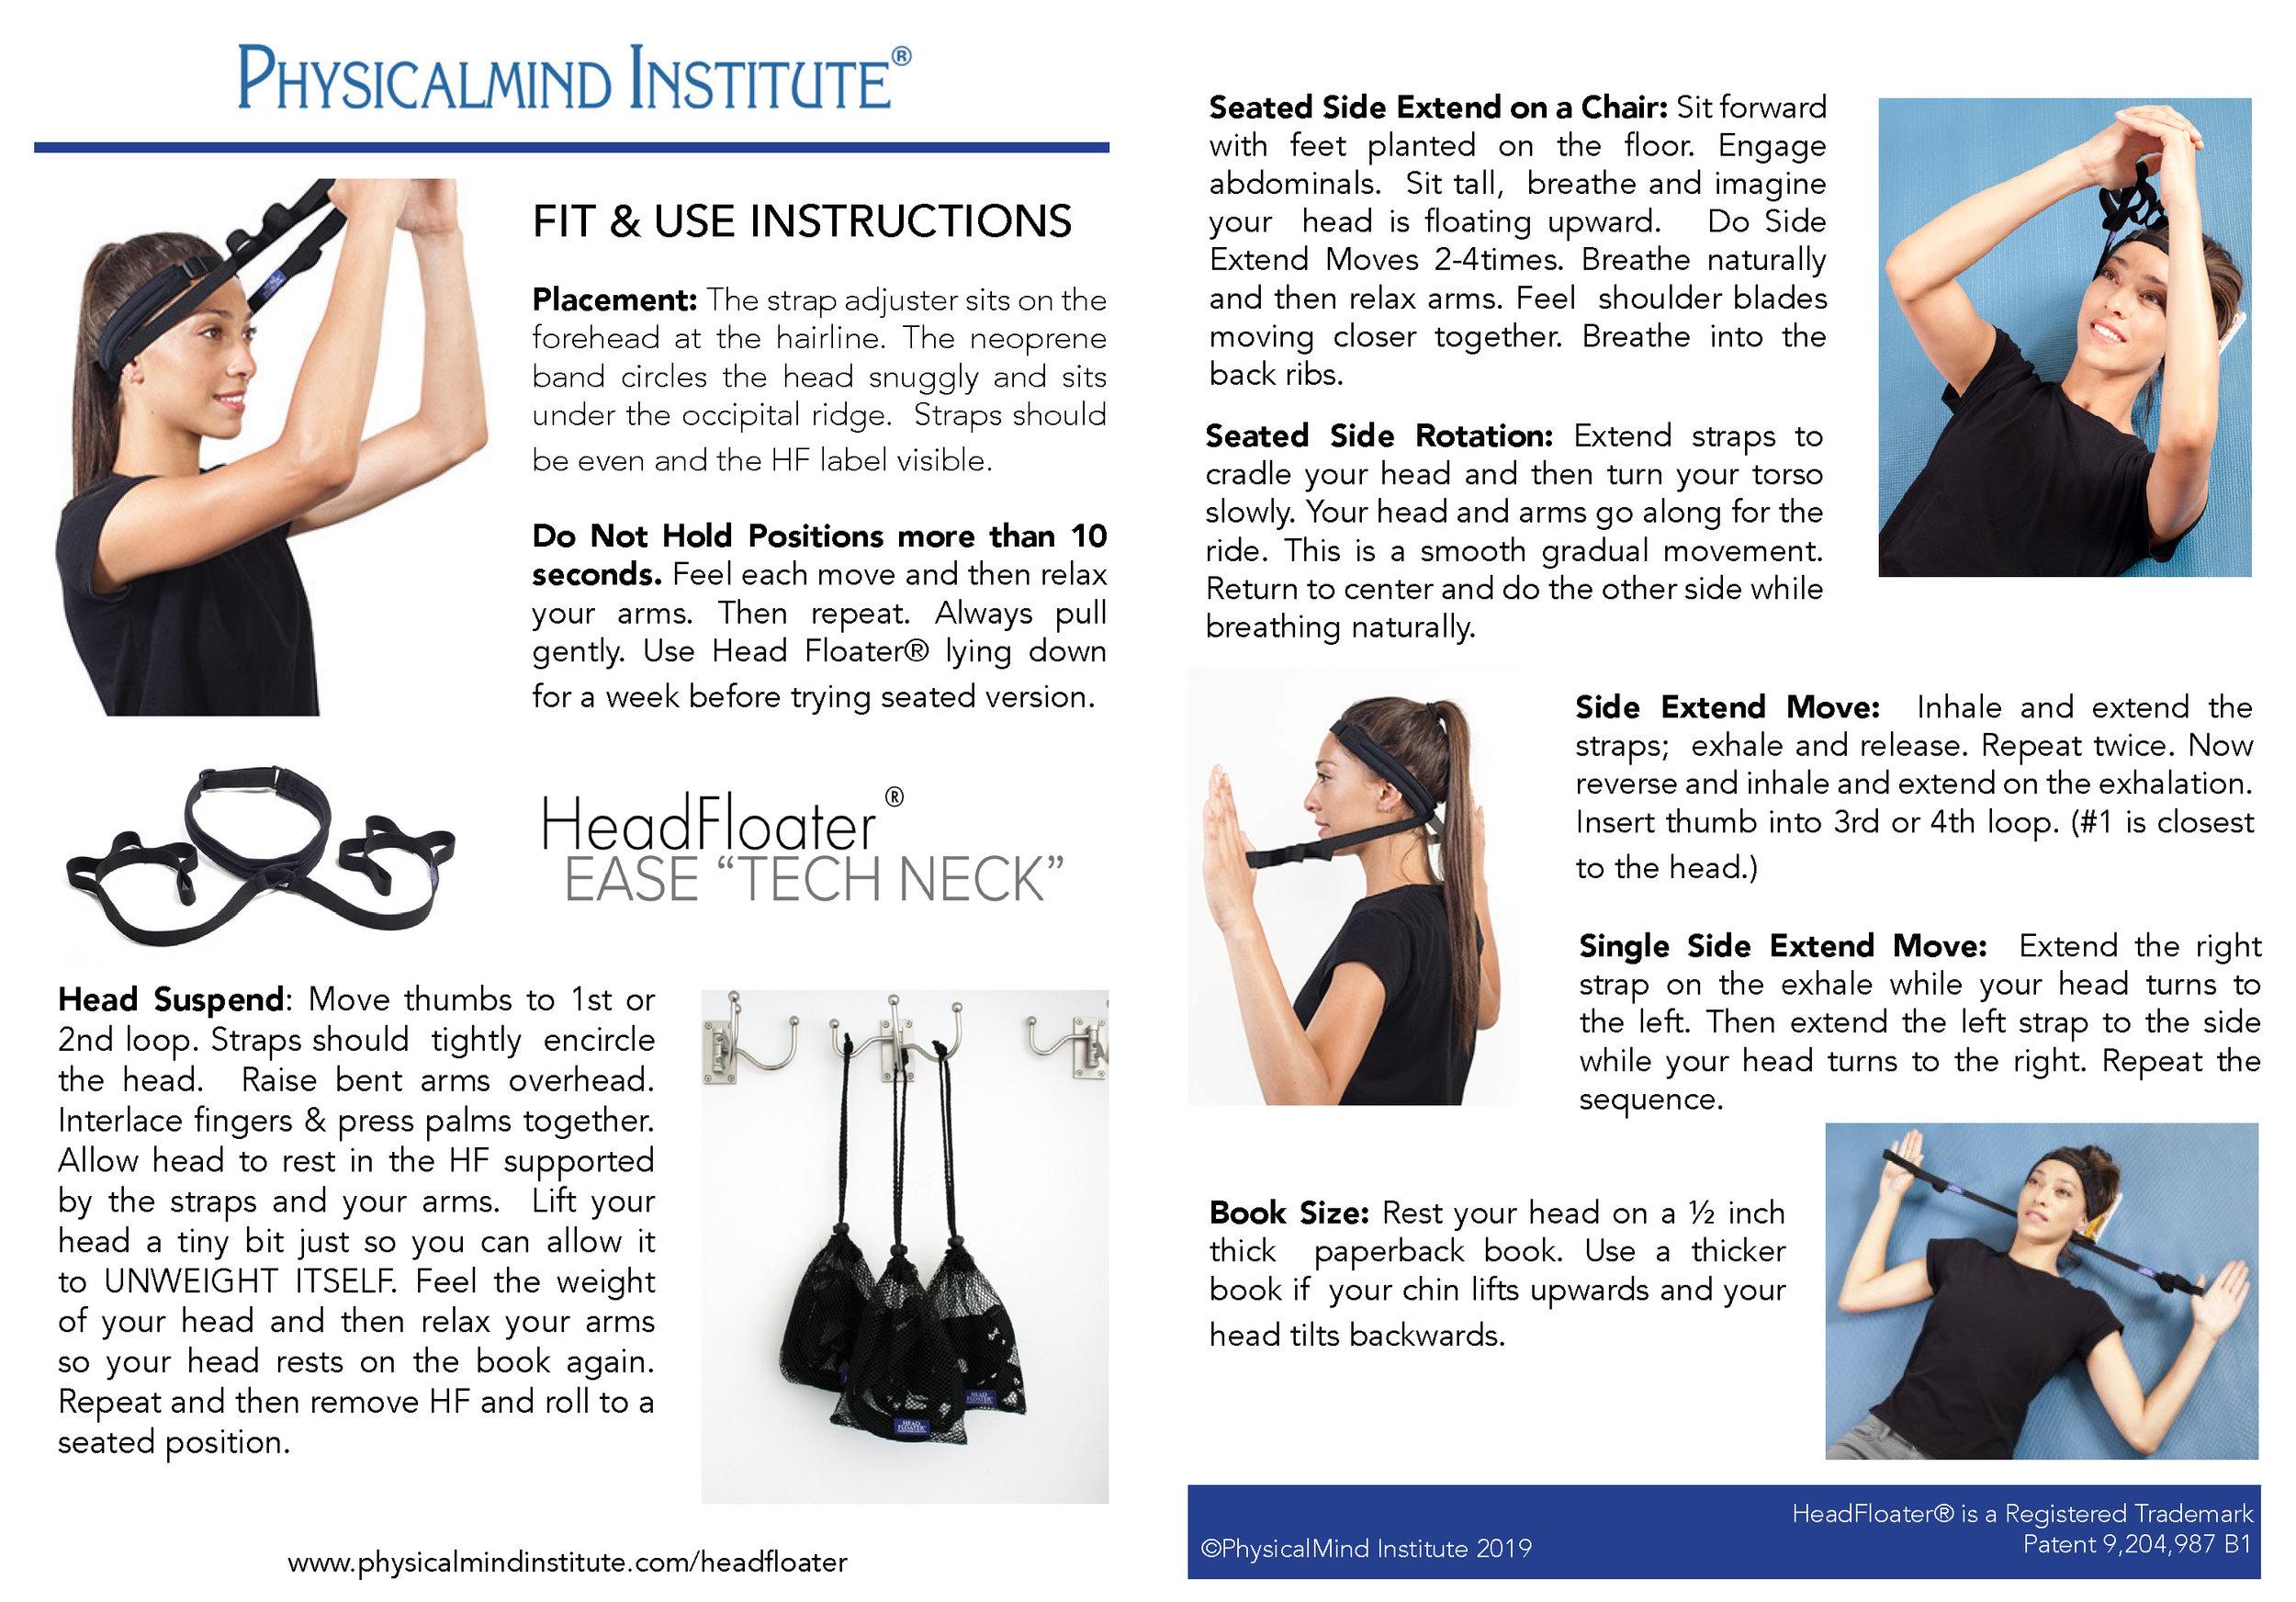 Headfloater brochure.jpg